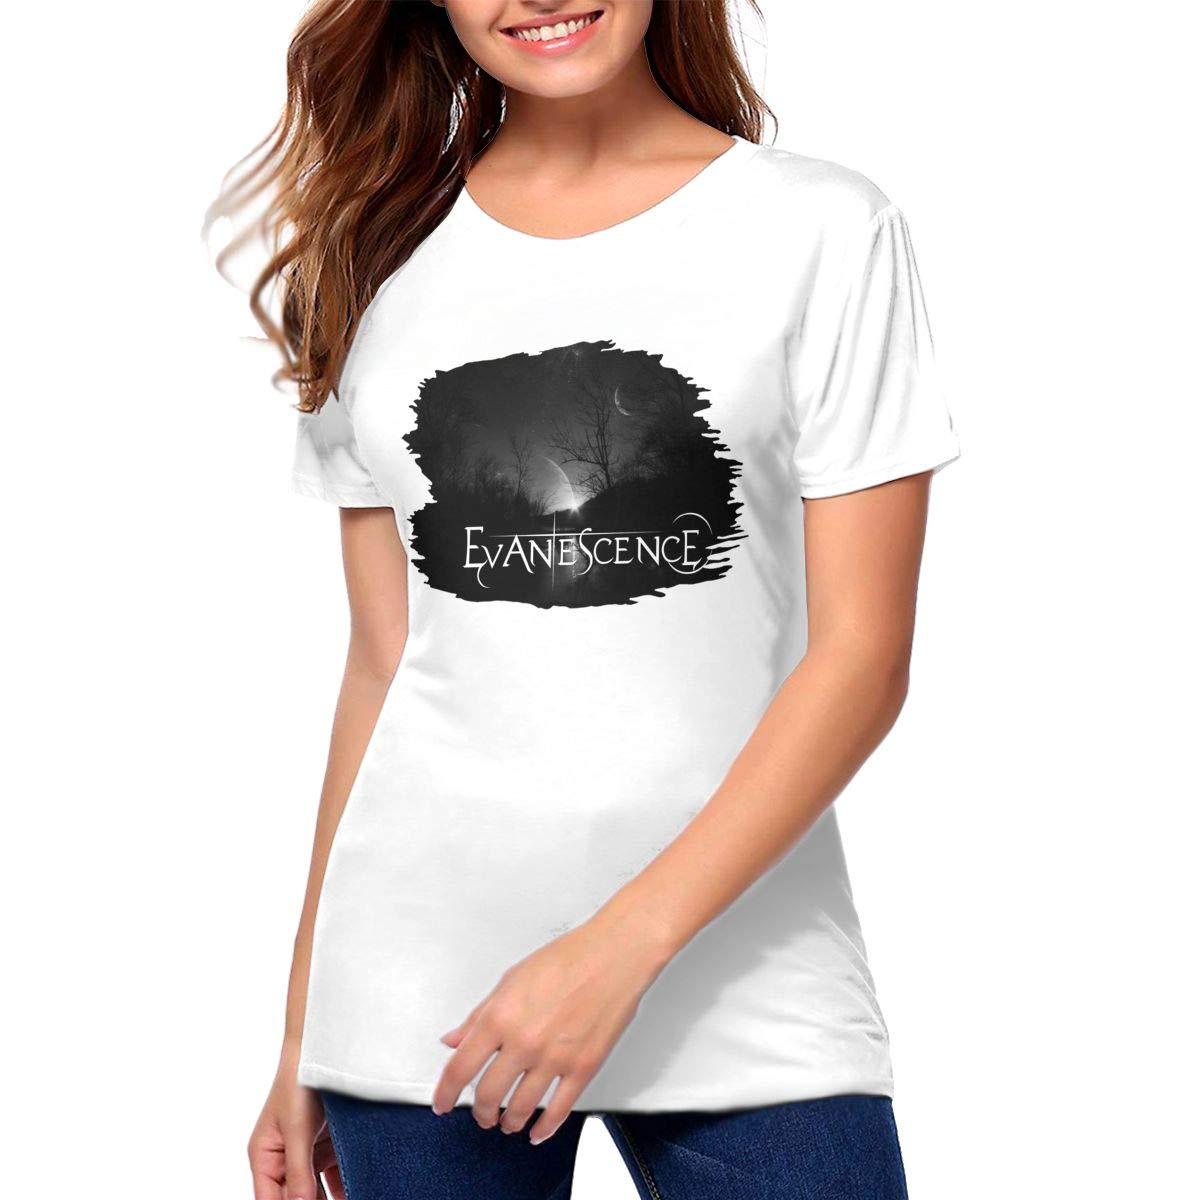 Evanescence Fashion Short Sleeve Round Neck Shirt Black